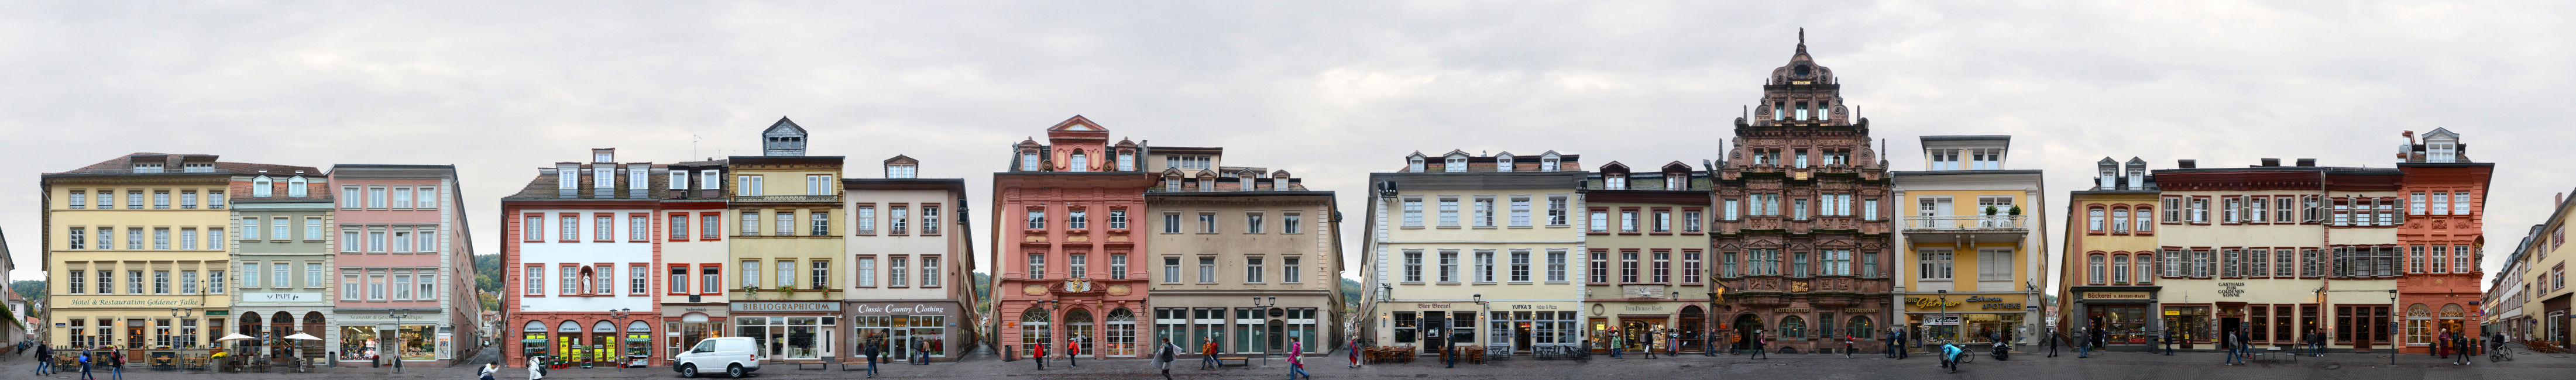 Heidelberg Hauptstrasse Fassaden Abwicklung